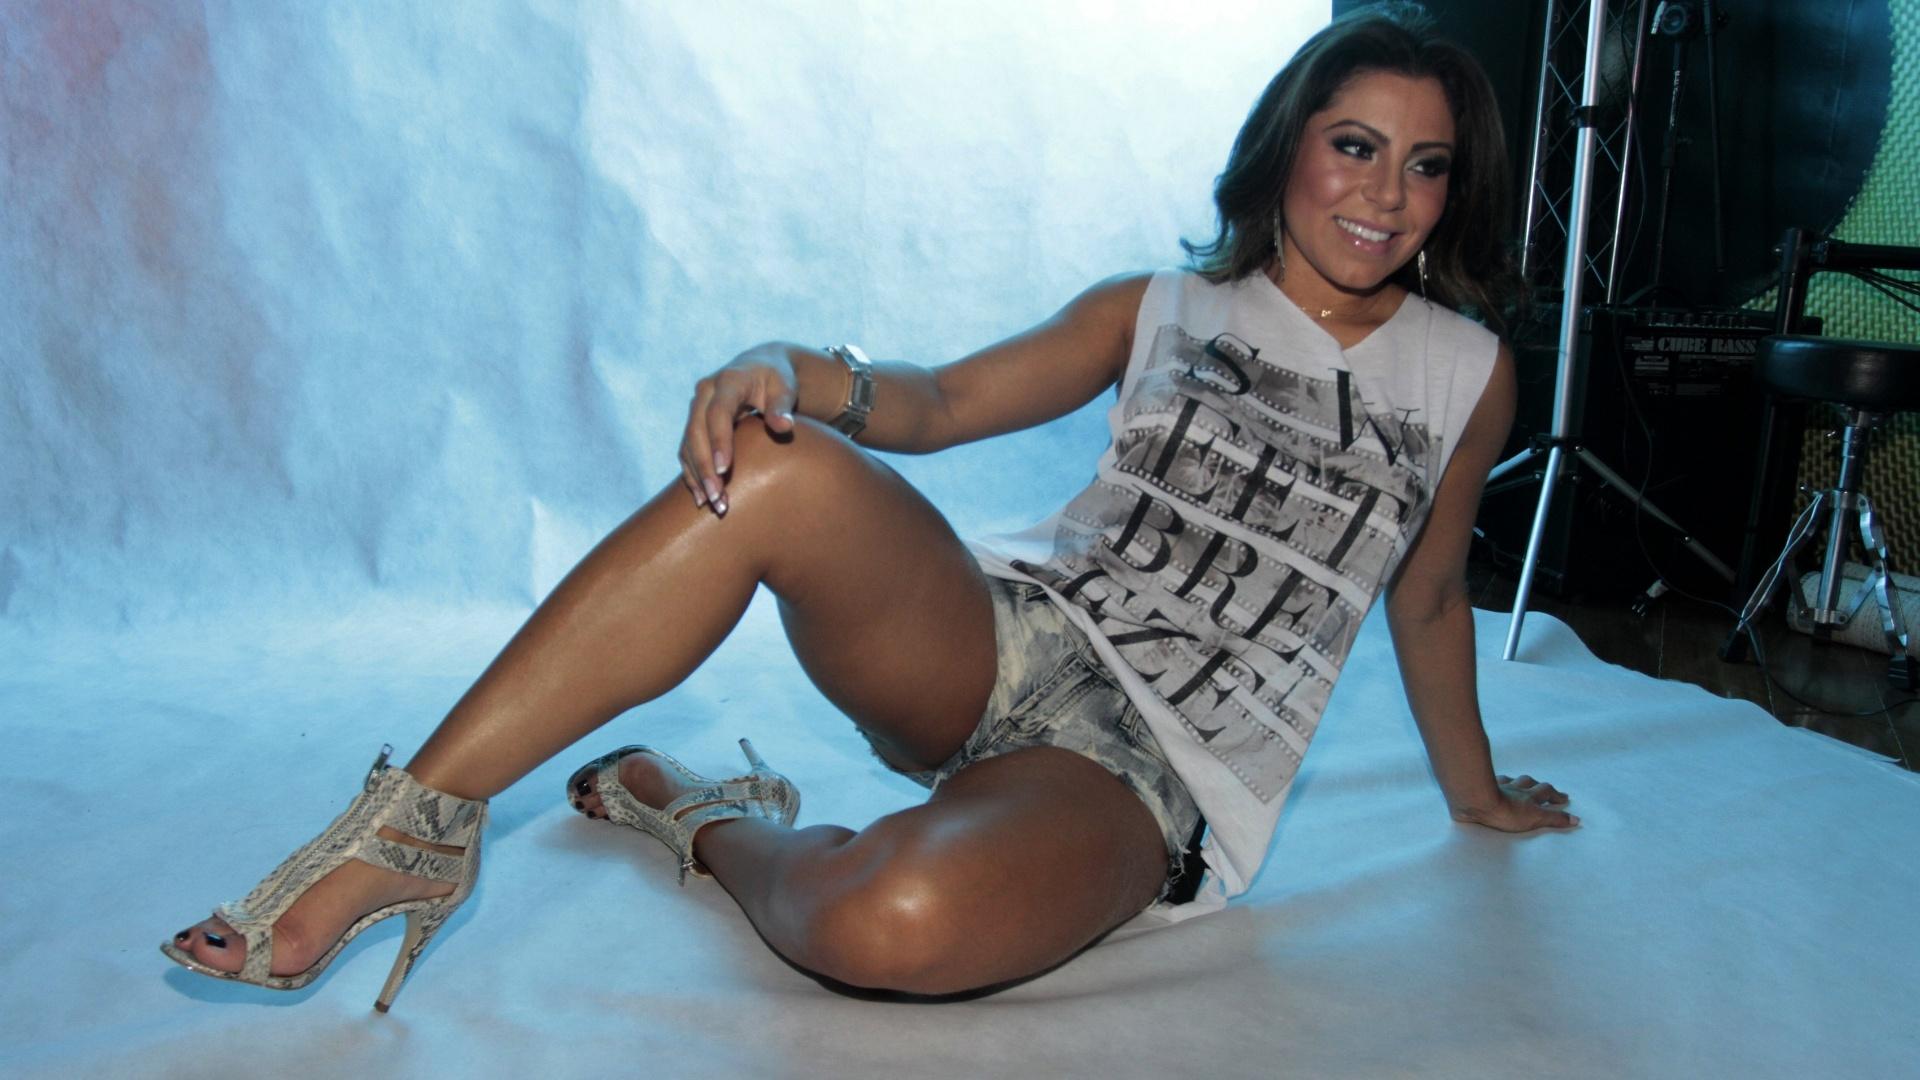 22.fev.2014 - A modelo Andressa Ferreira exibiu suas curvas em um ensaio sensual especial para presentear a namorada, a atriz Thammy Miranda. Atualmente, a morena é assistente de palco do programa